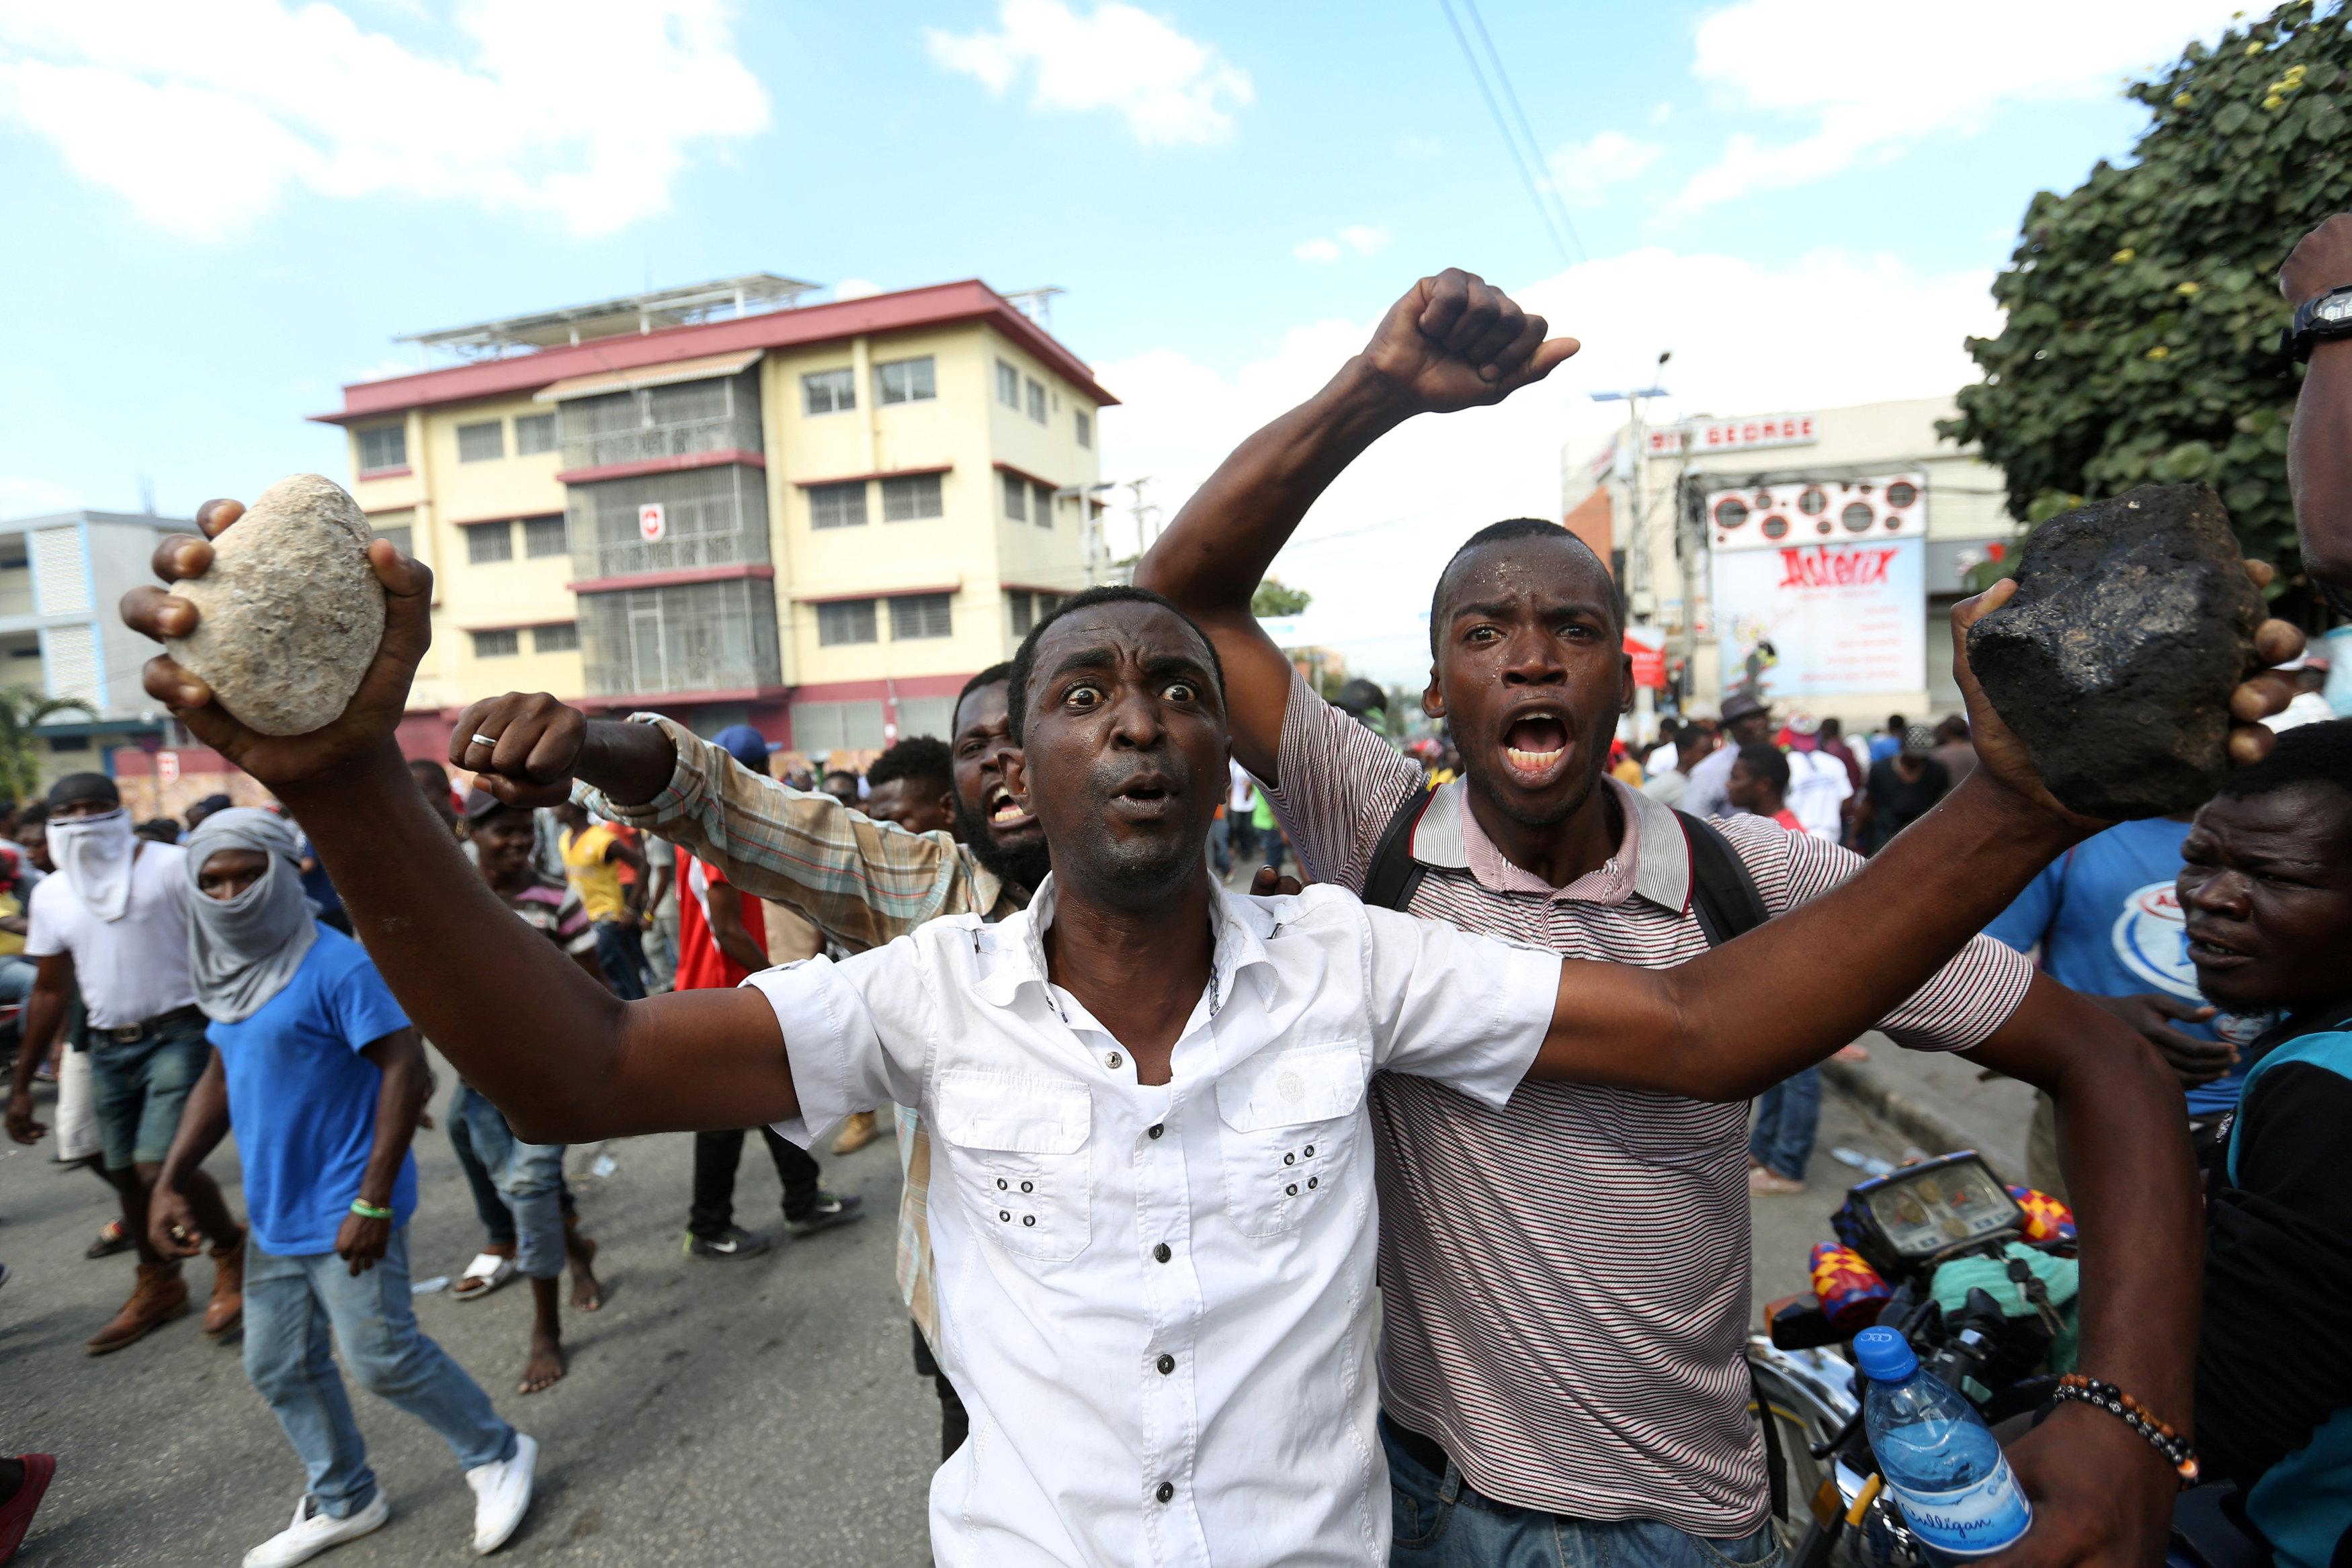 مظاهرات عنيفة فى هايتى بسبب الفساد (3)